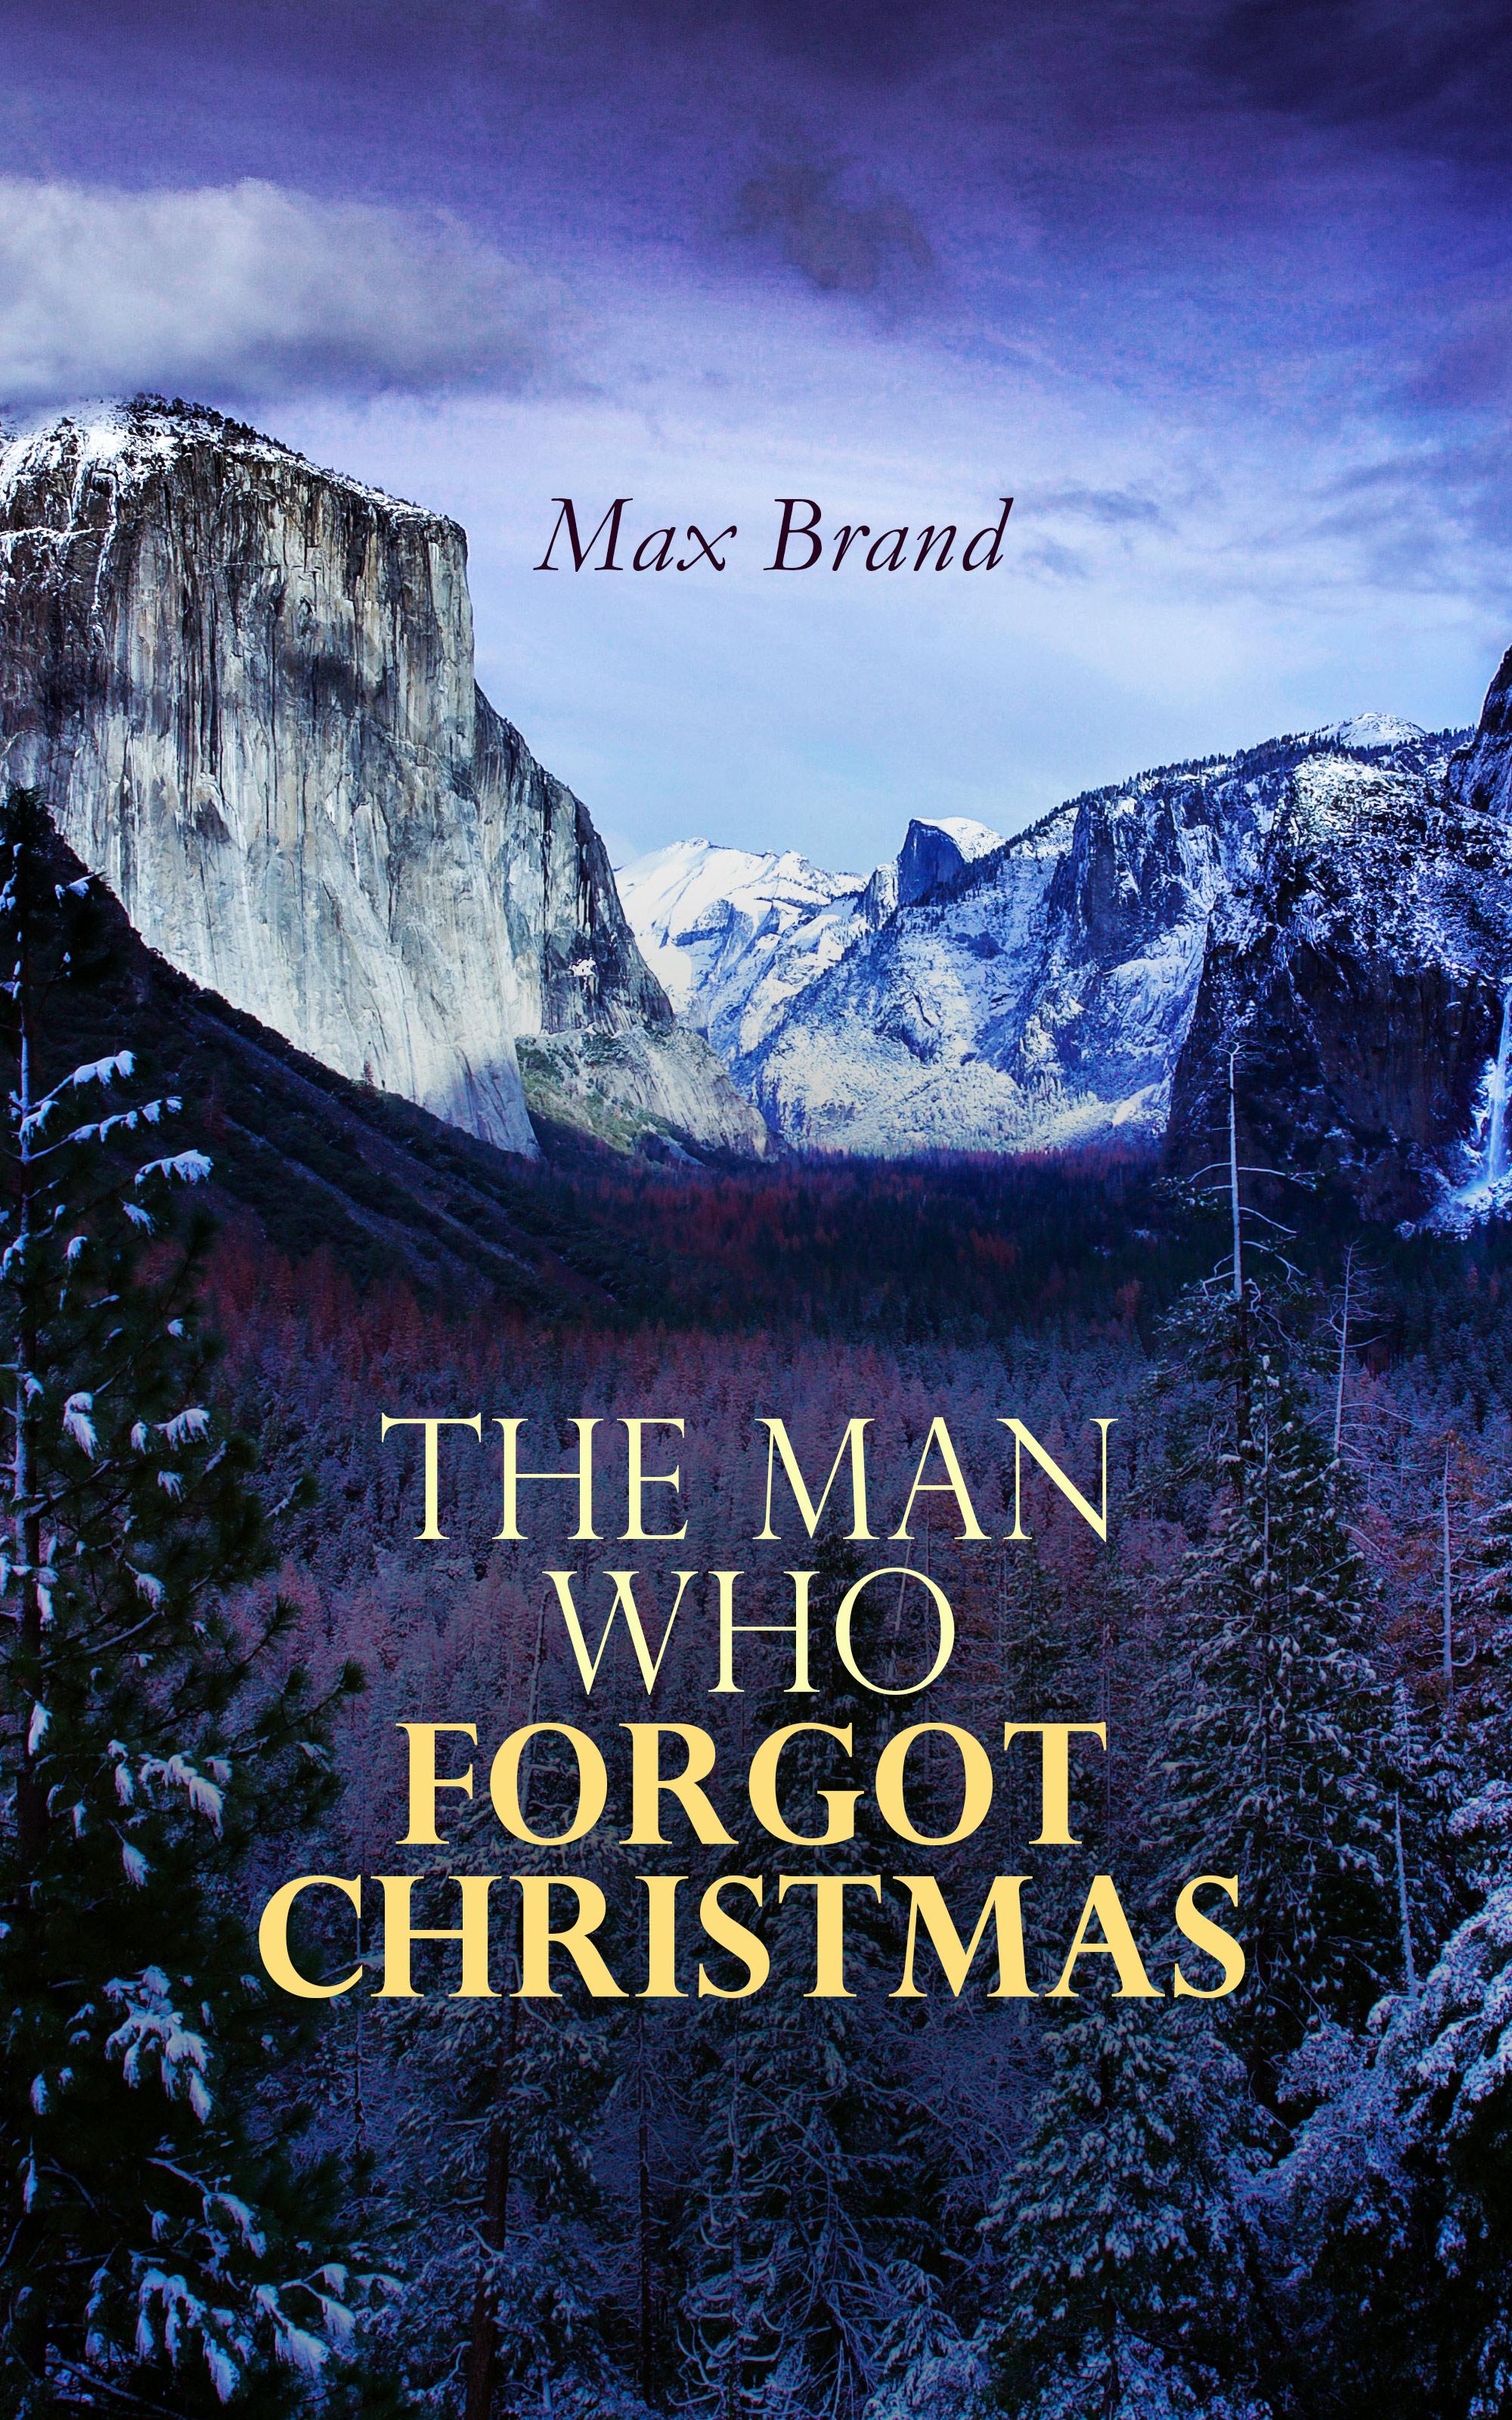 The Man Who Forgot Christmas